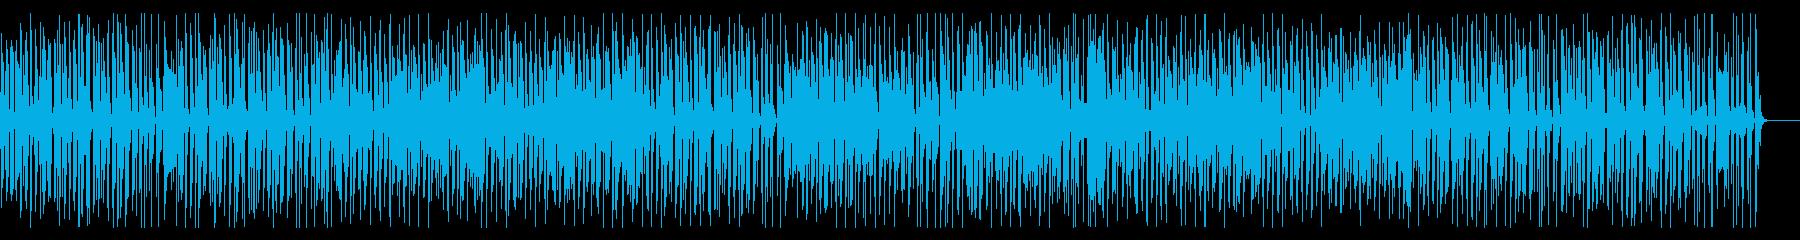 カフェBGM・陽気なジプシージャズギターの再生済みの波形